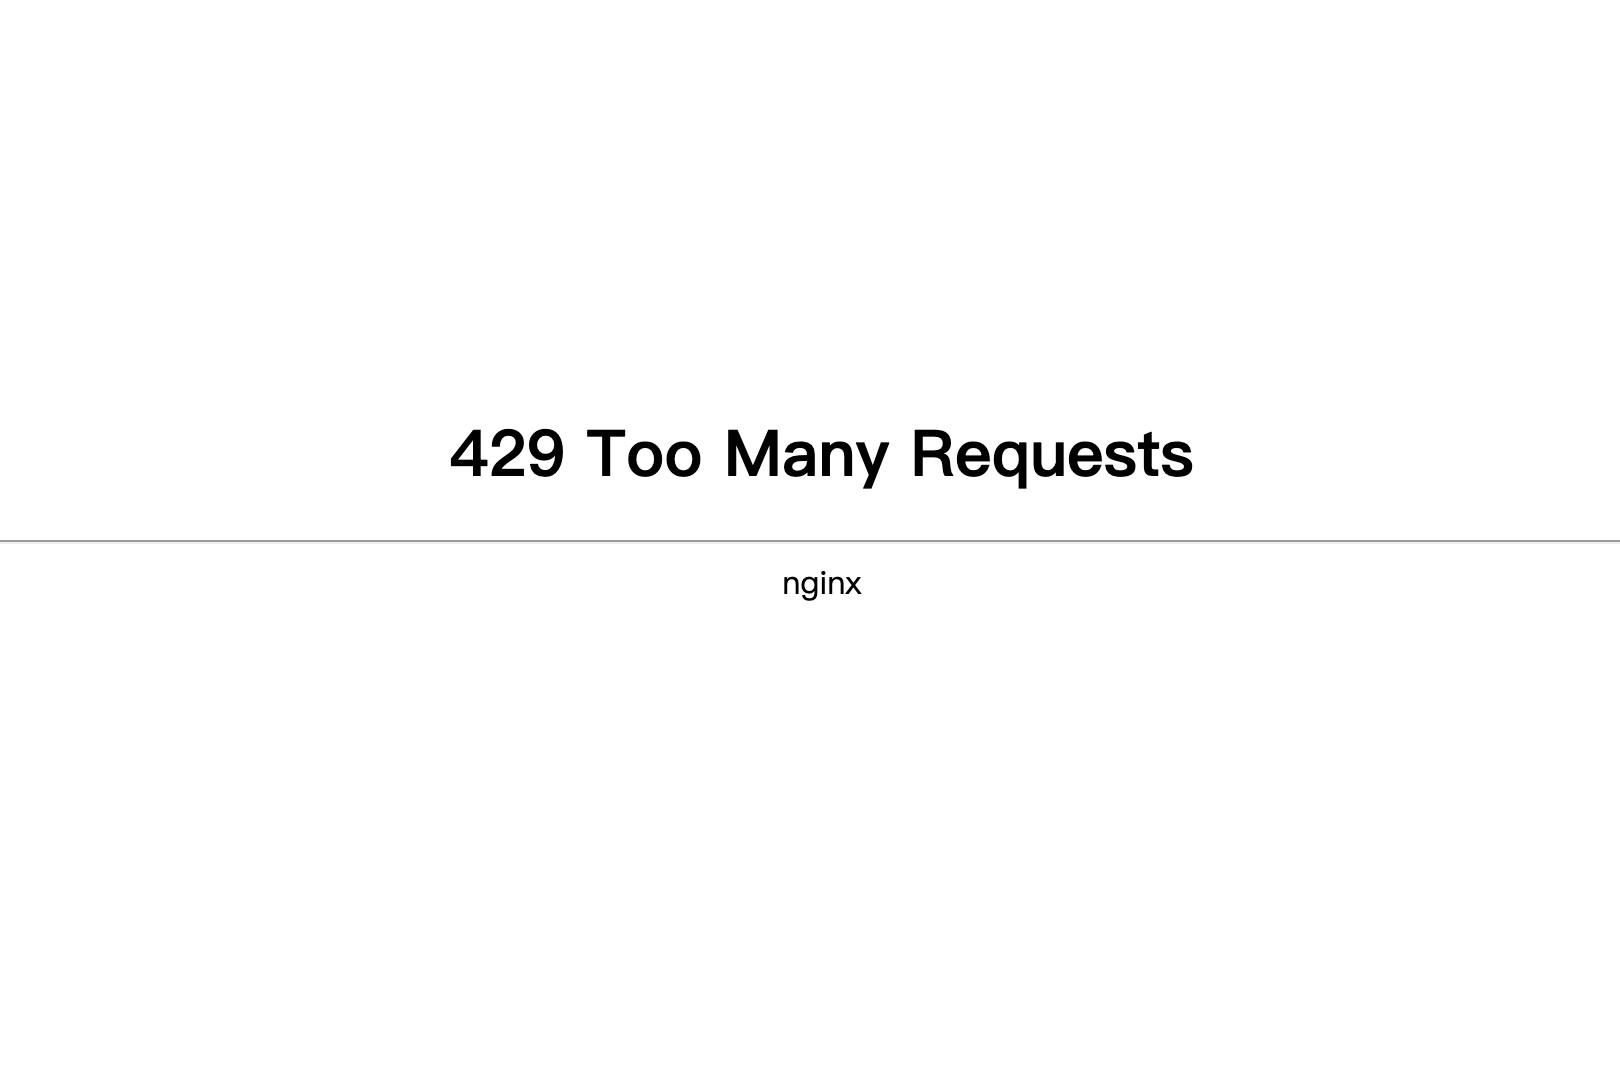 彻底解决 WordPress 429 Too Many Requests 的问题